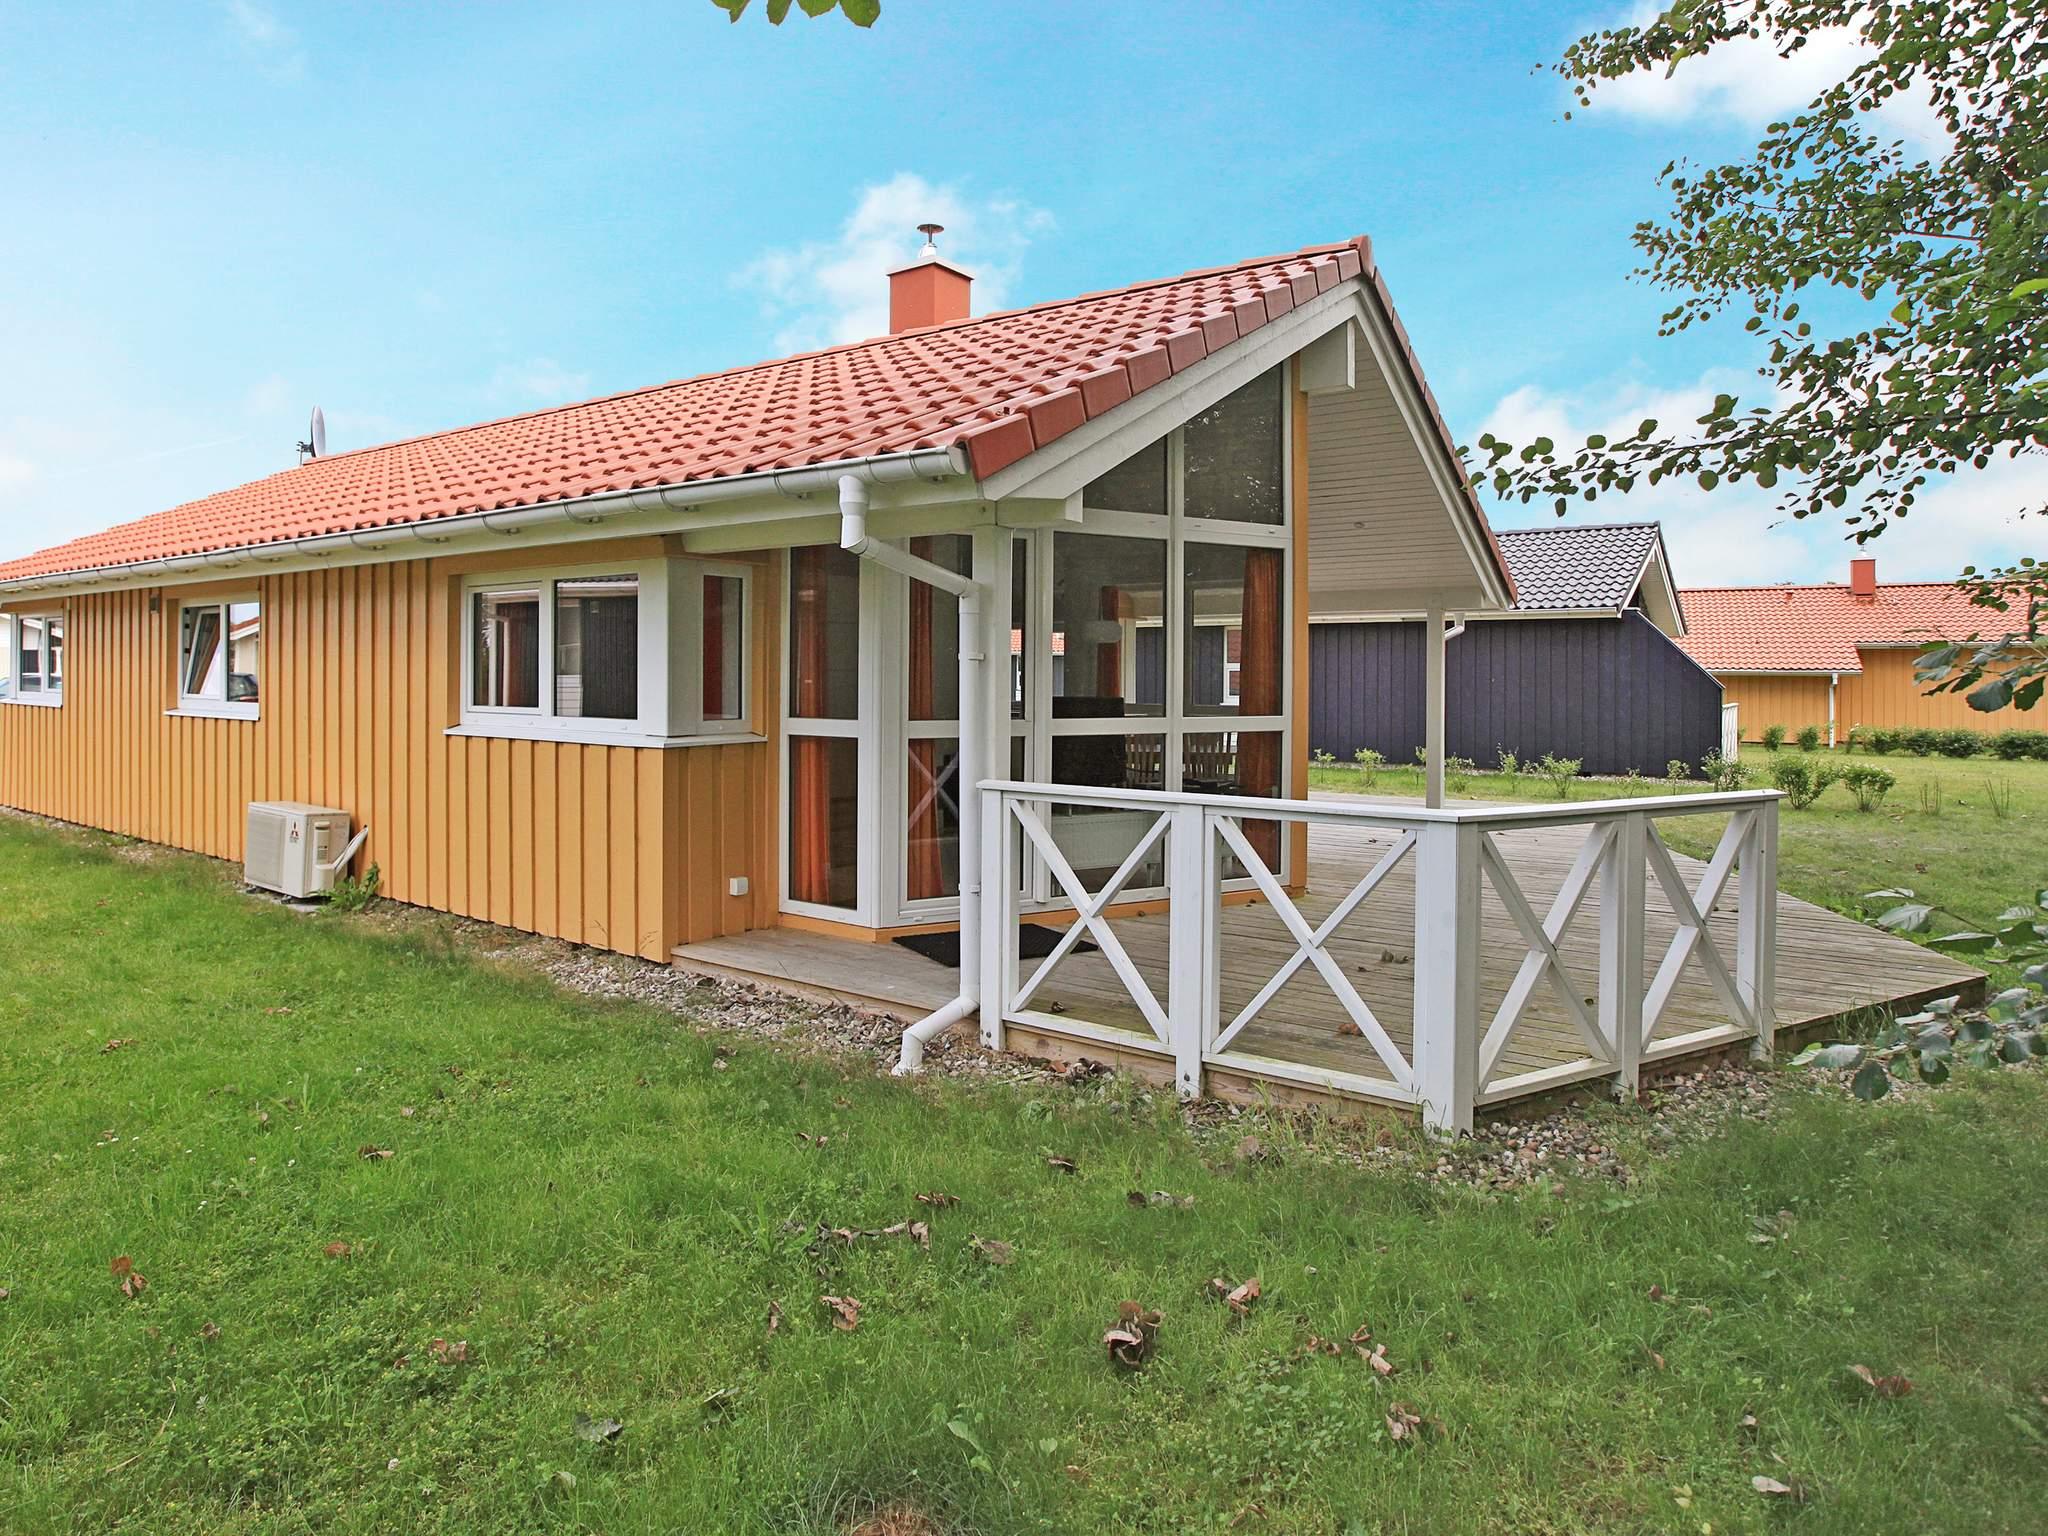 Maison de vacances Grömitz (456406), Grömitz, Baie de Lübeck, Schleswig-Holstein, Allemagne, image 10